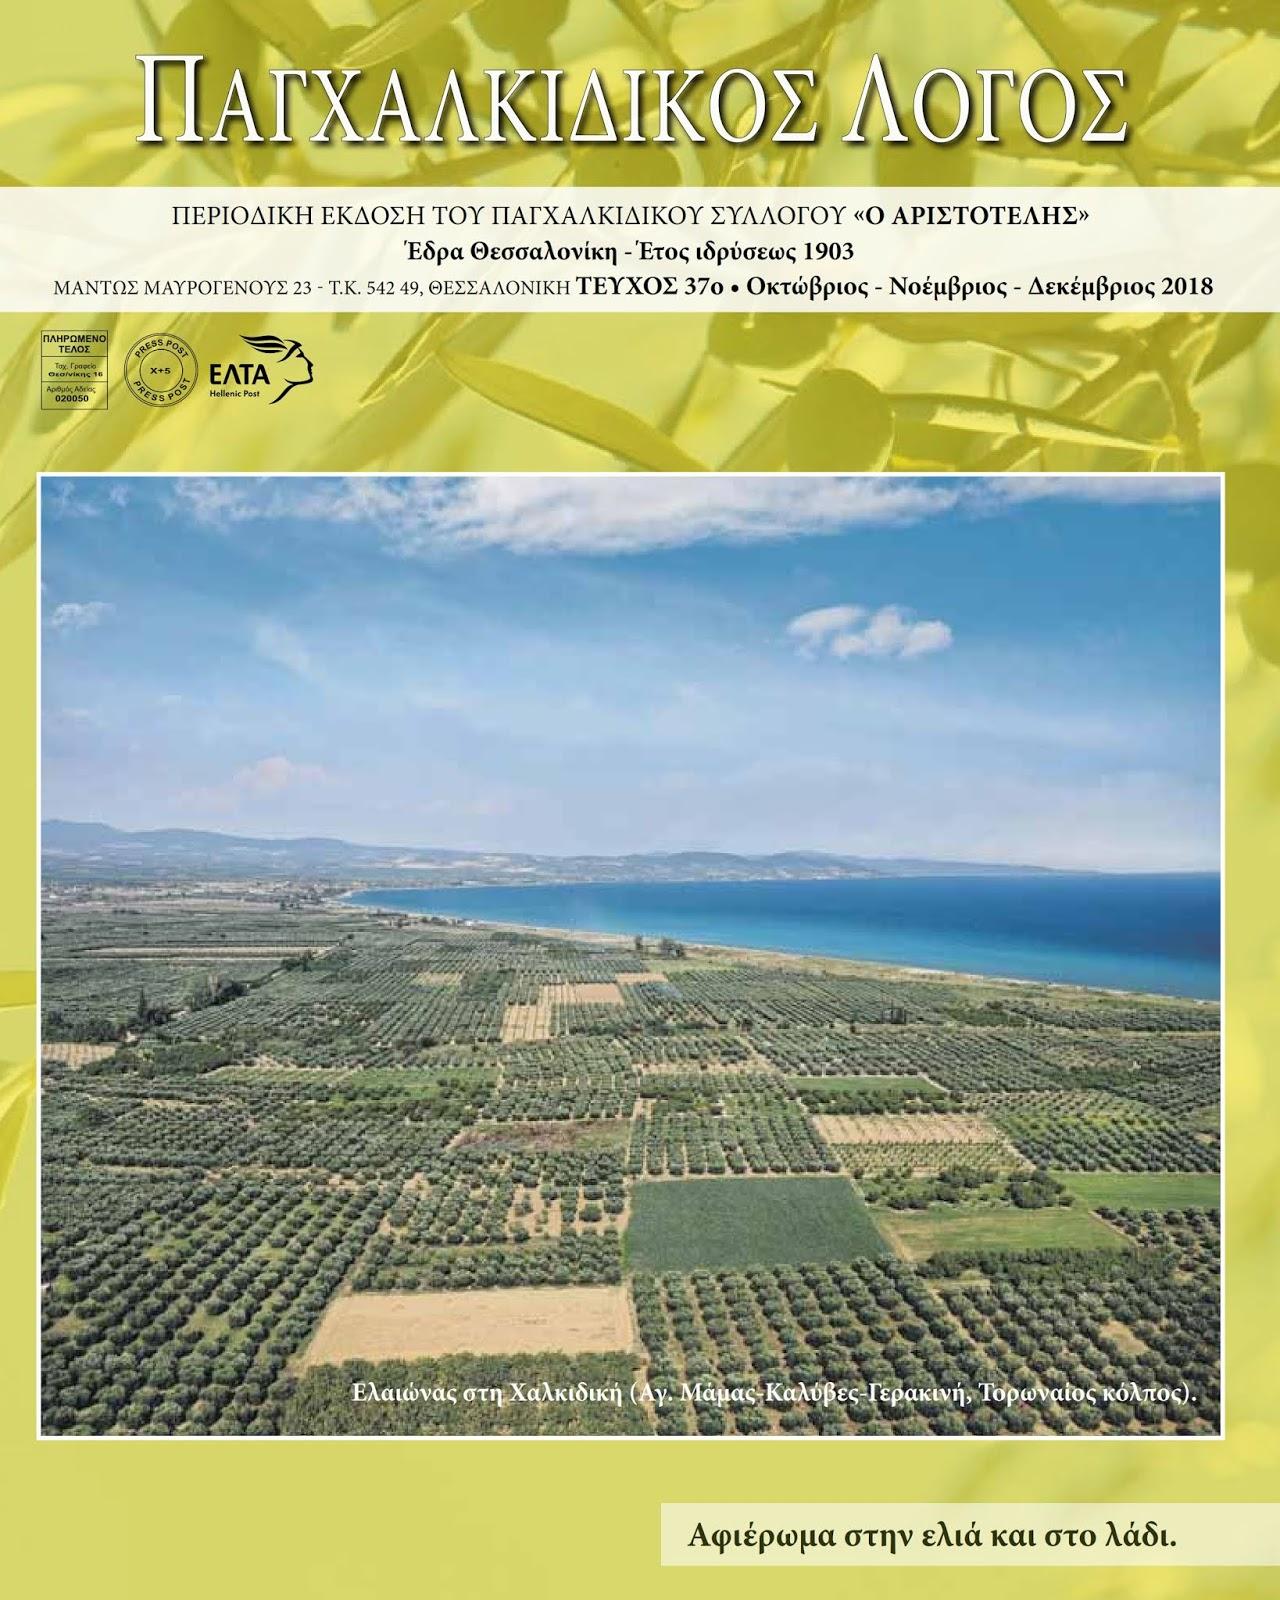 bbfa5d5798 Κυκλοφόρησε το 37o τεύχος Παγχαλκιδικός Λόγος με αφιέρωμα στην Ελιά και το  Λάδι-Το τεύχος σε .pdf